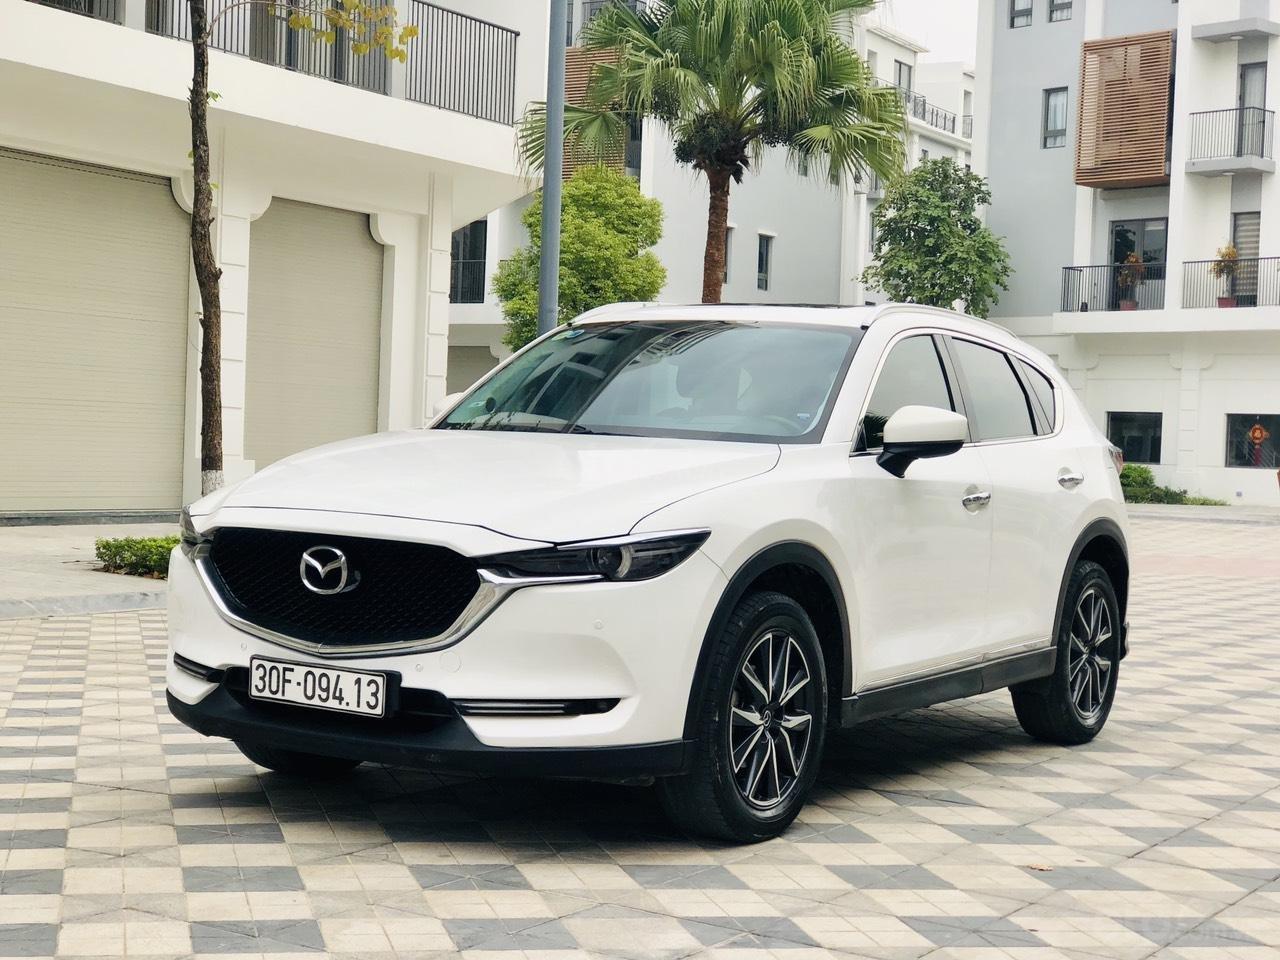 [Hot] bán nhanh Mazda CX5 2.5 đời 2018 màu trắng, xe 1 chủ từ đầu biển HN, xe đẹp không 1 lỗi nhỏ (4)